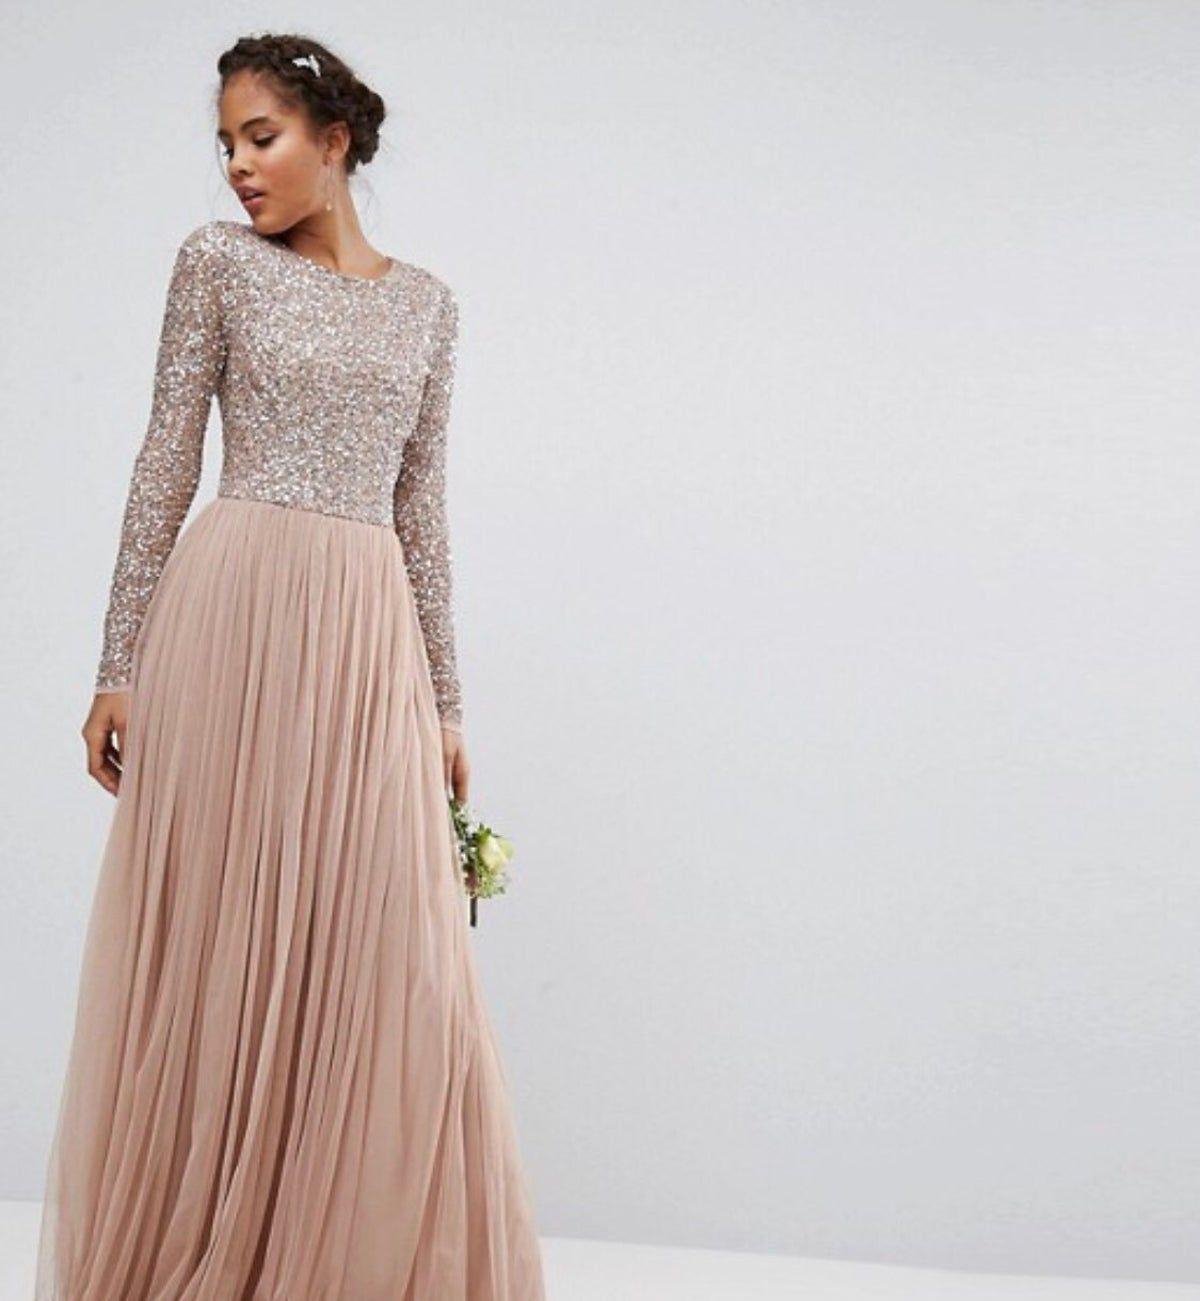 Maxi Dress #kleid Pastell  Asos Kleider Hochzeit, Abiball